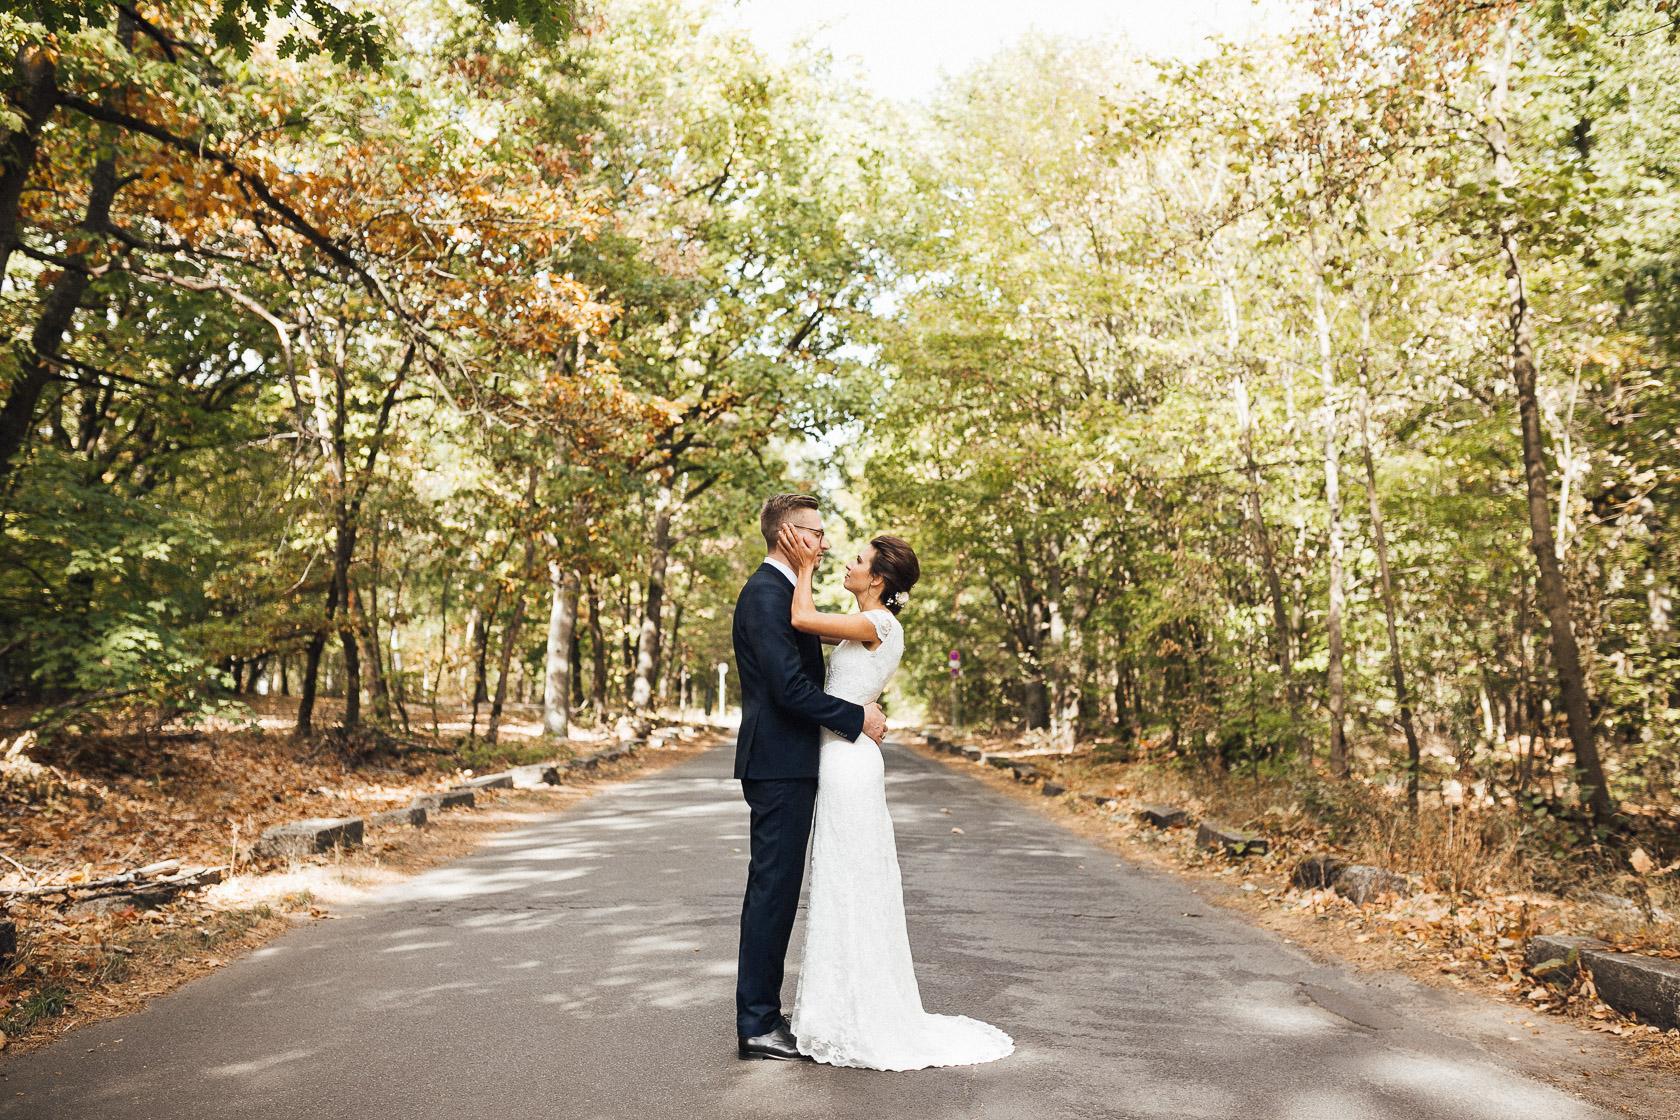 Brautpaar nimmt sich am Wannsee in den Arm